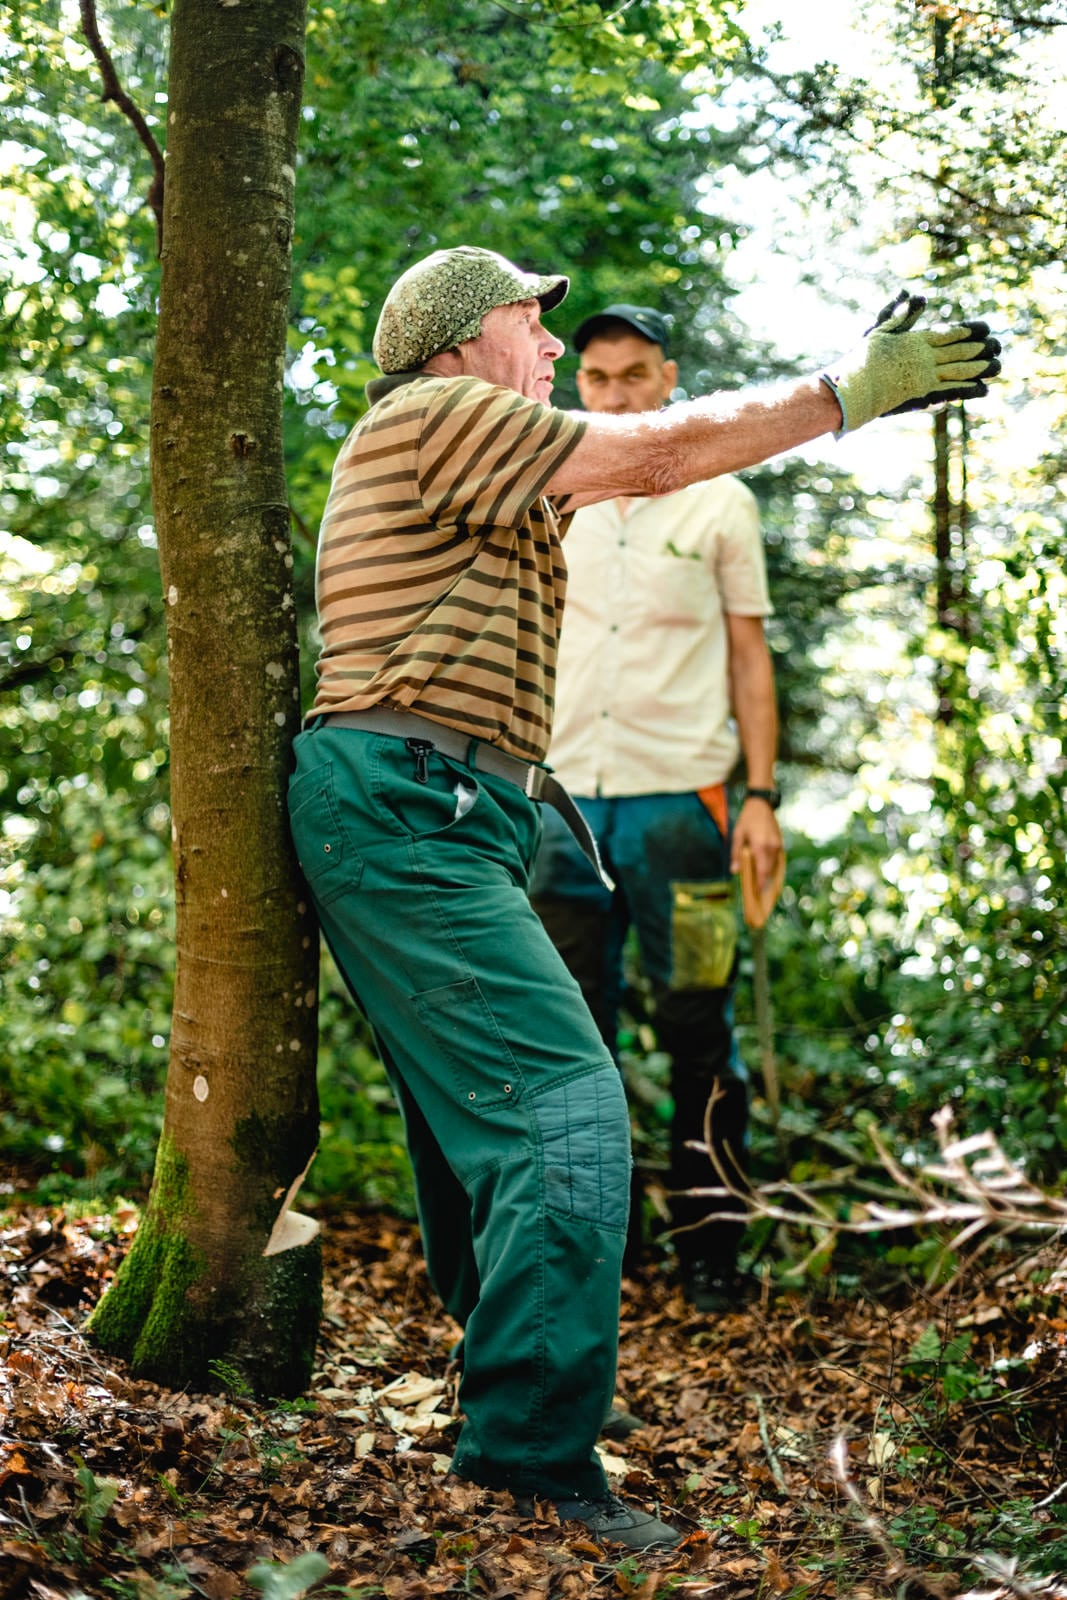 Ein alter Mann zeigt die Fallrichtung eines Baumes an